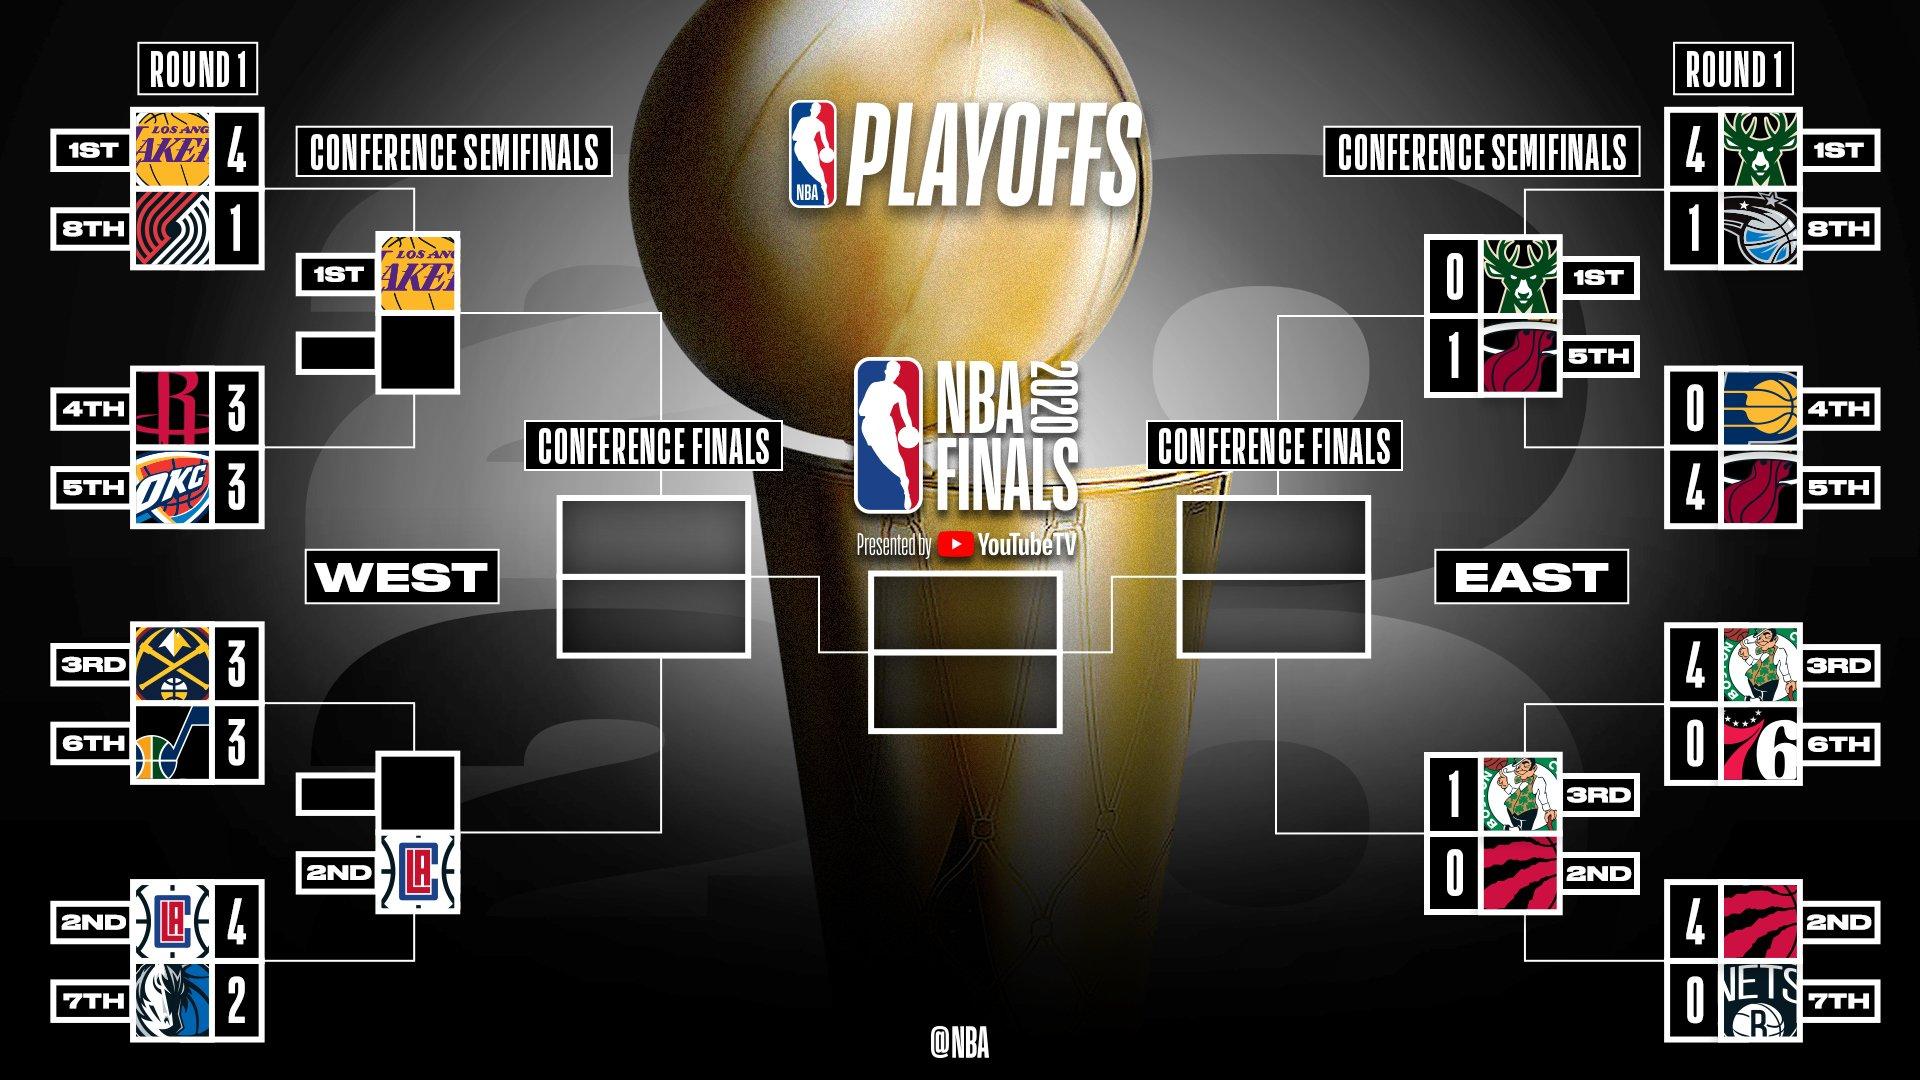 NBA官推晒对阵图:湖人快船苦等对手,热火绿军先拔头筹